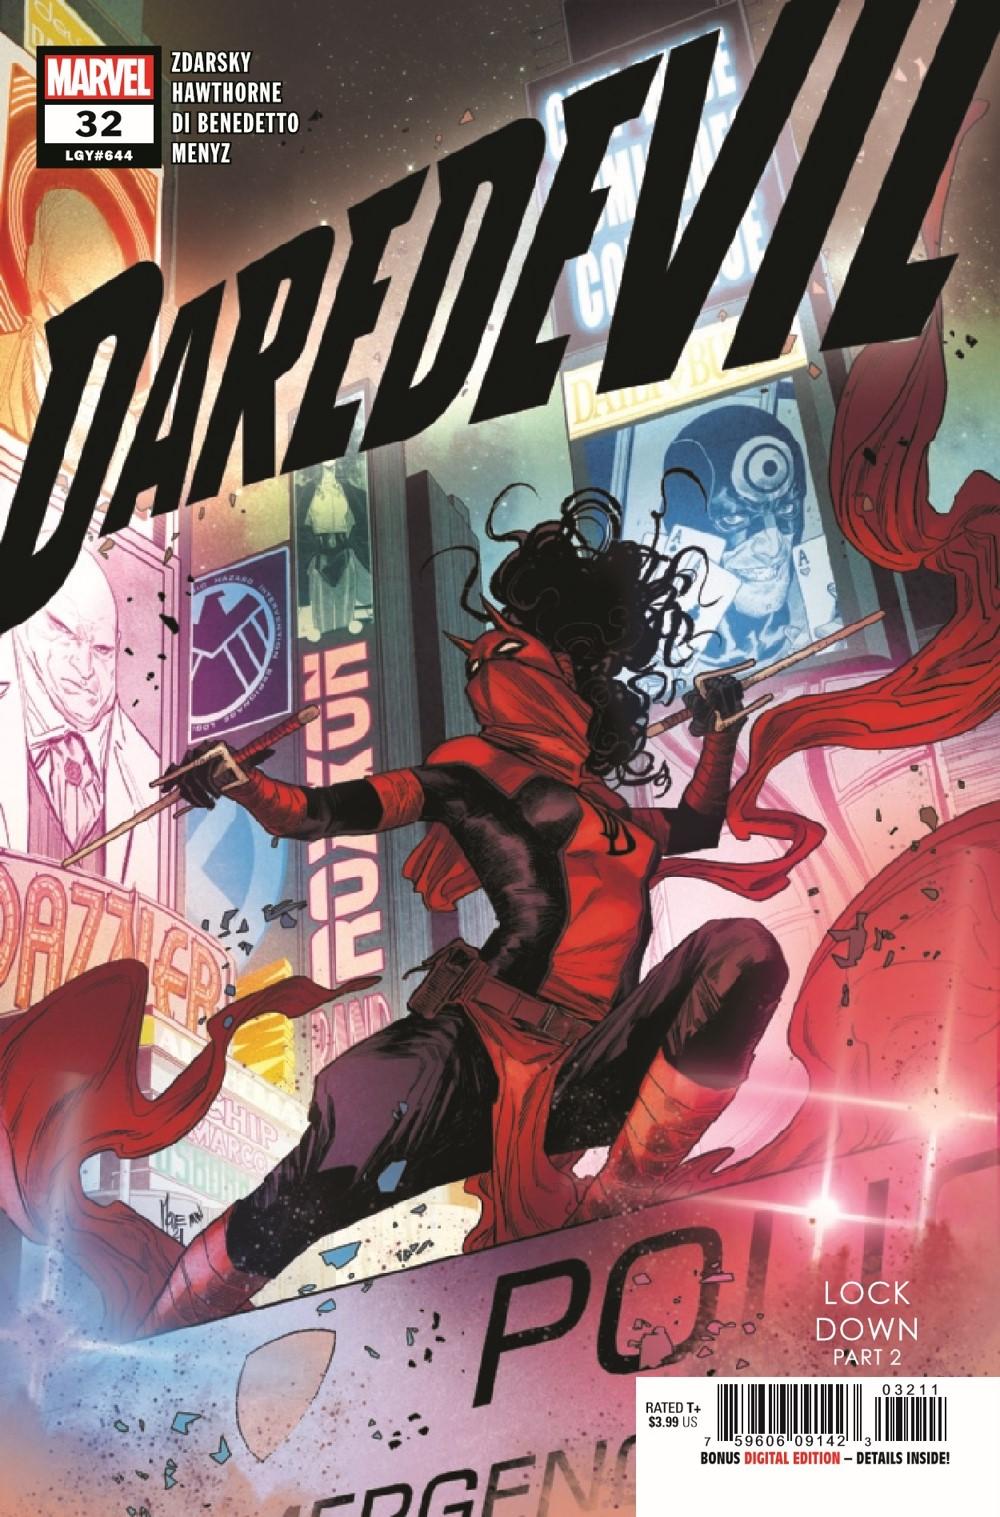 DD2019032_Preview-1 ComicList Previews: DAREDEVIL #32